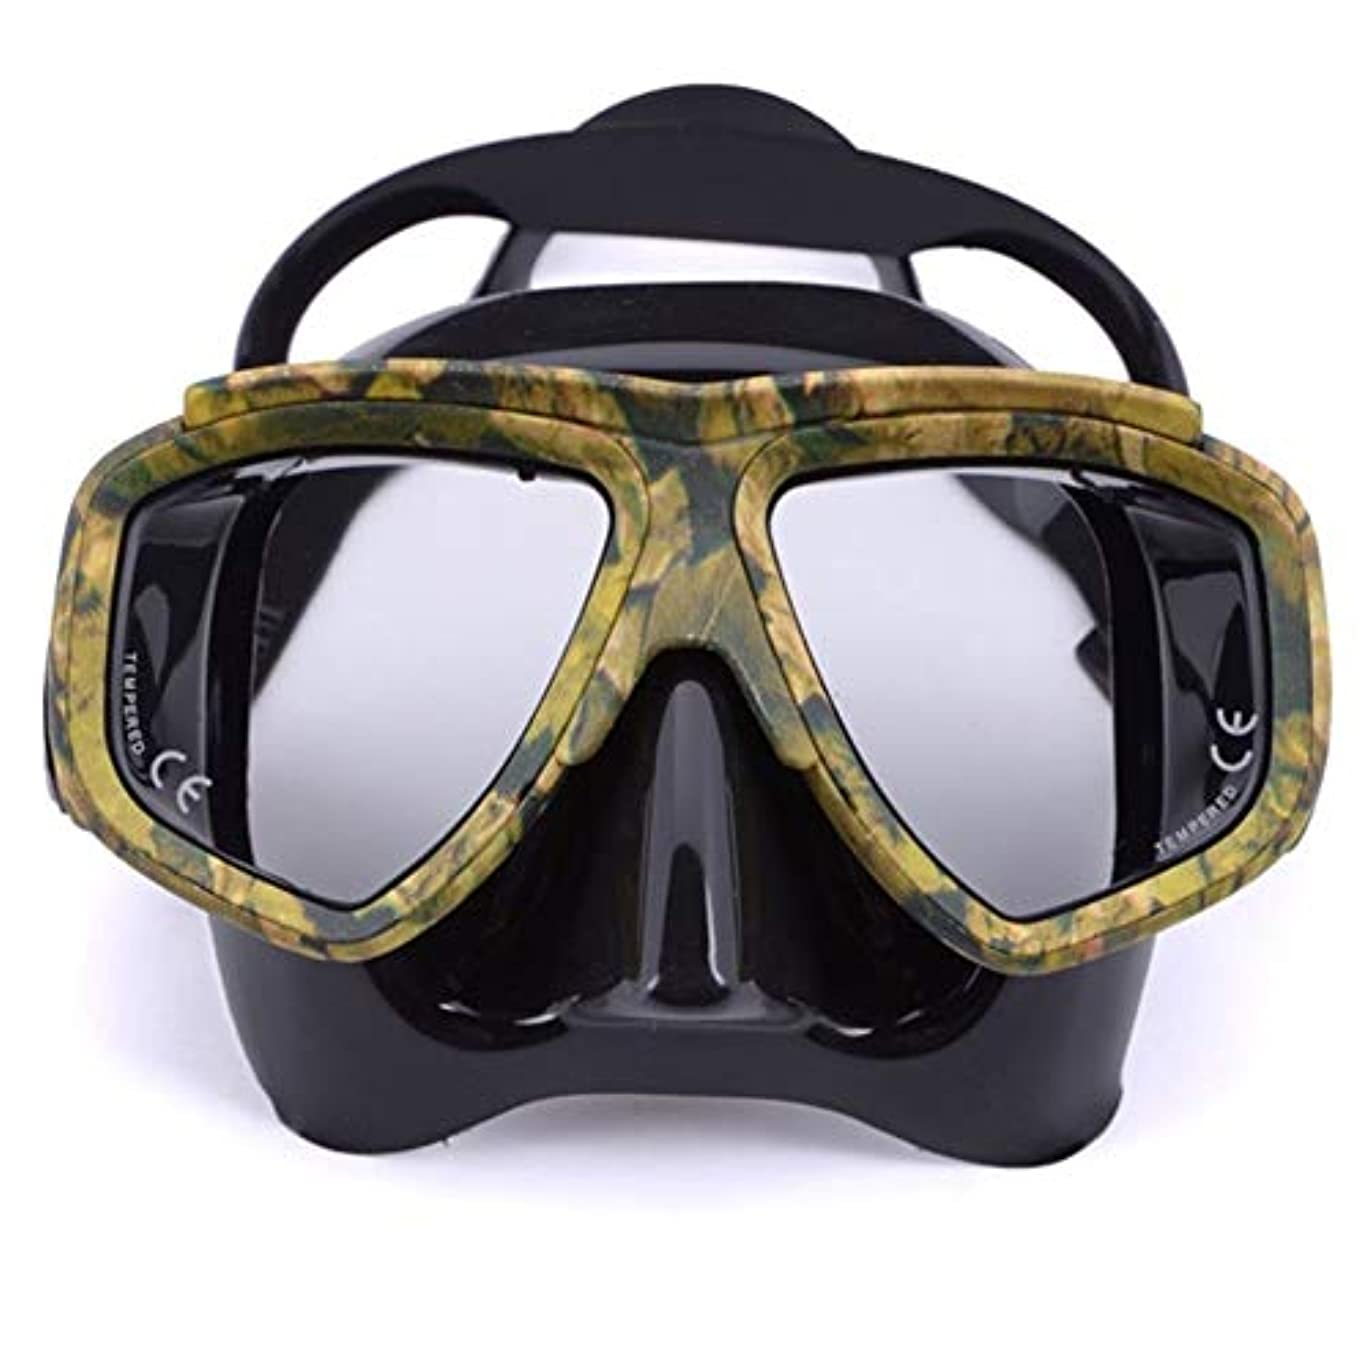 モンク日焼け反抗プロの迷彩迷彩スキューバダイビングミラーシュノーケリングレンズフレーム機器安全水泳ゴーグル g5y9k2i3rw1